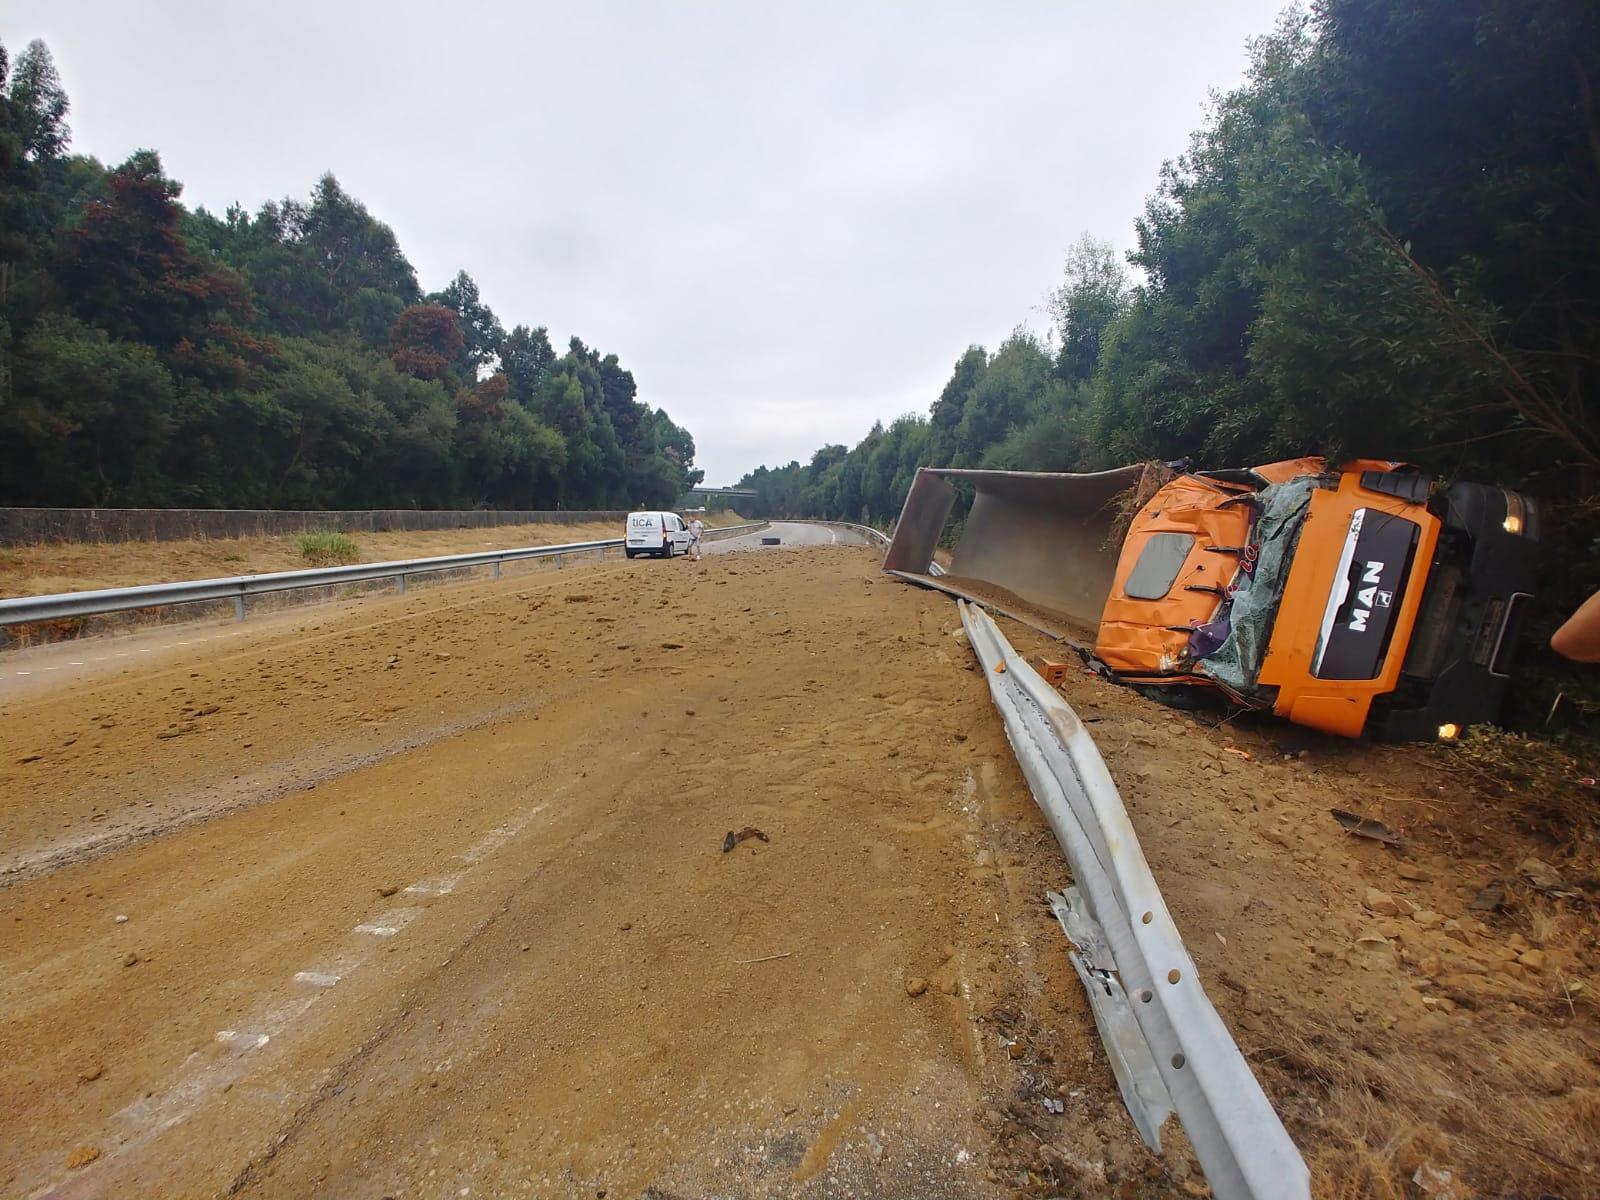 Un camión vuelca pasada la VG-20 dejando gran cantidad de arena en el asfalto